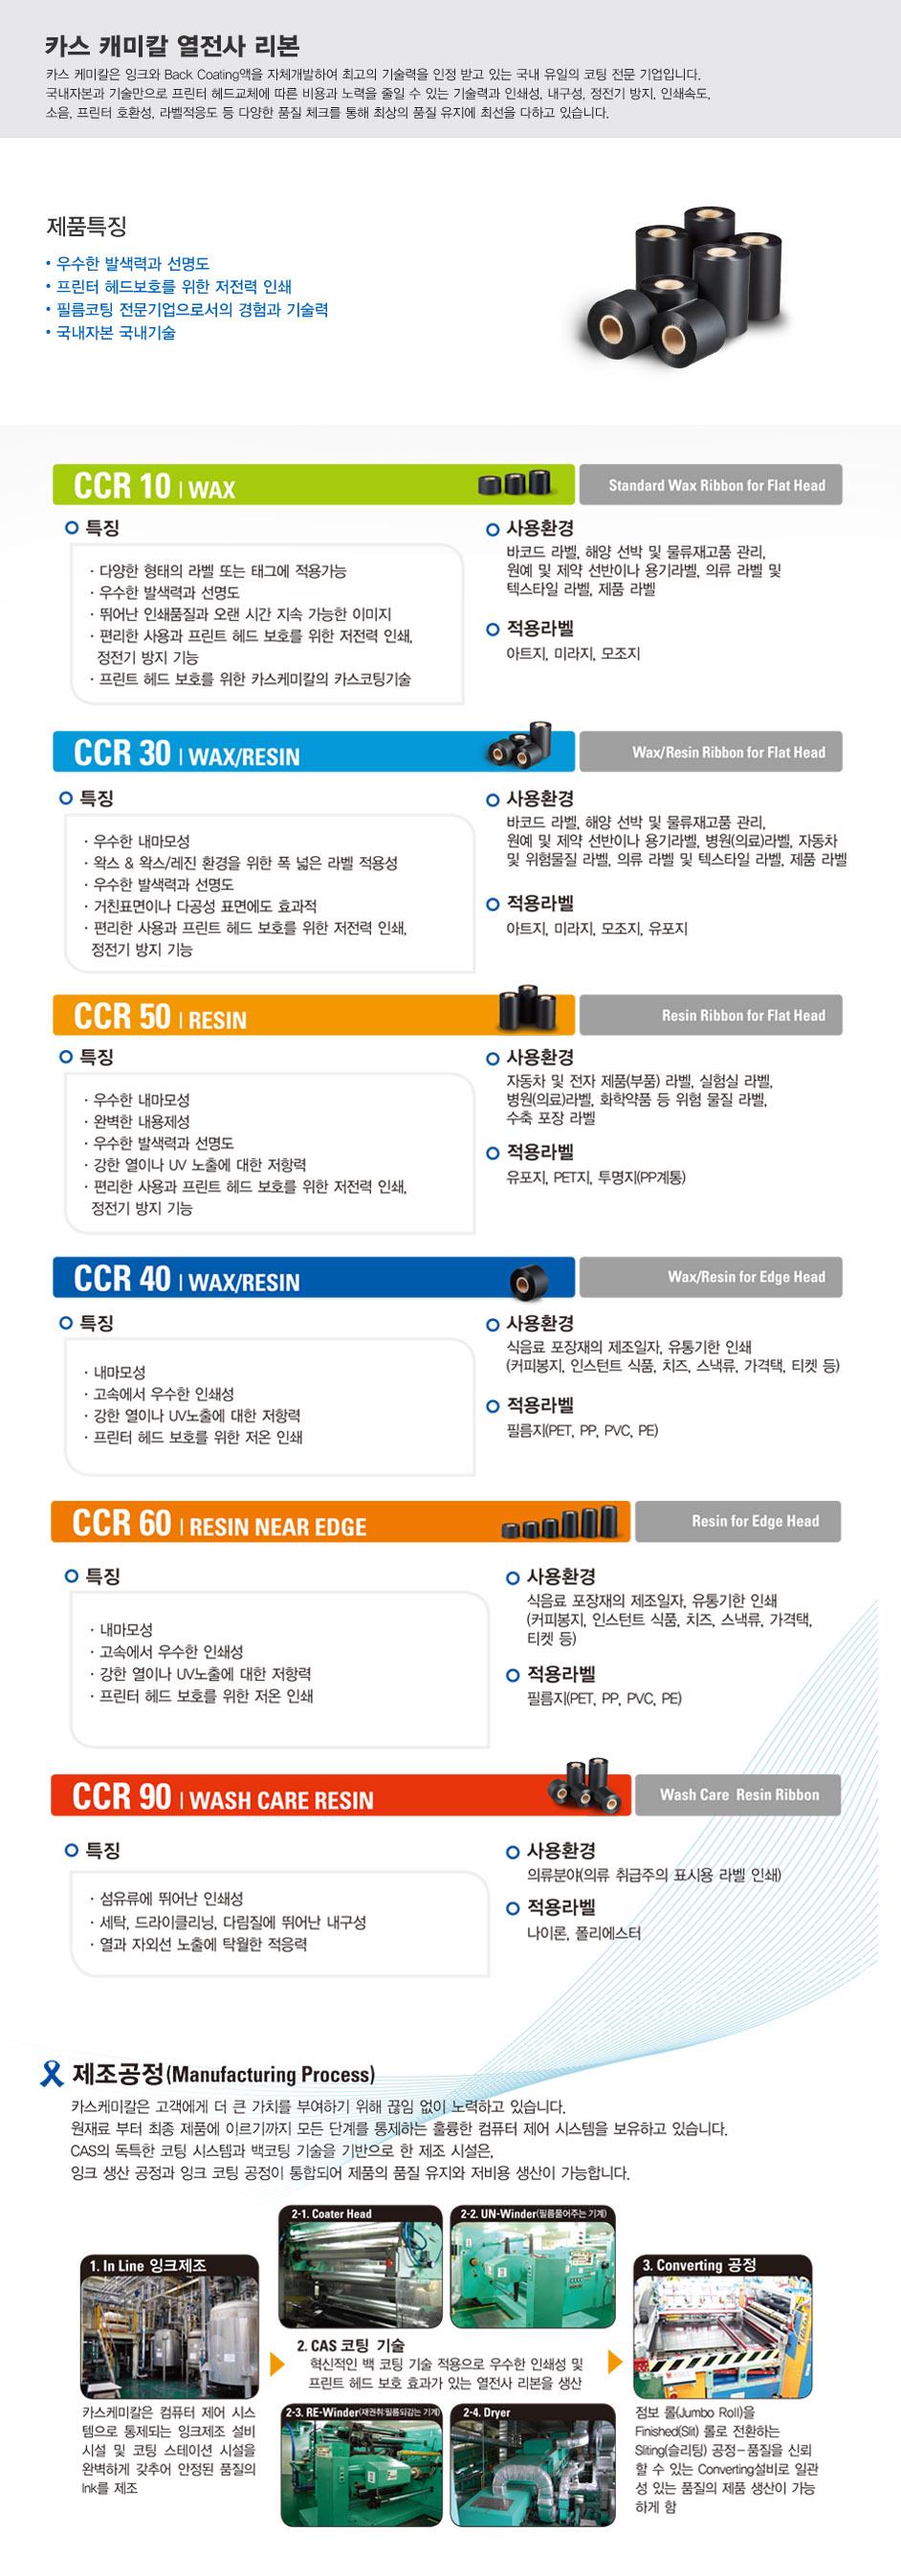 카스 열전사 리본 CCR Series